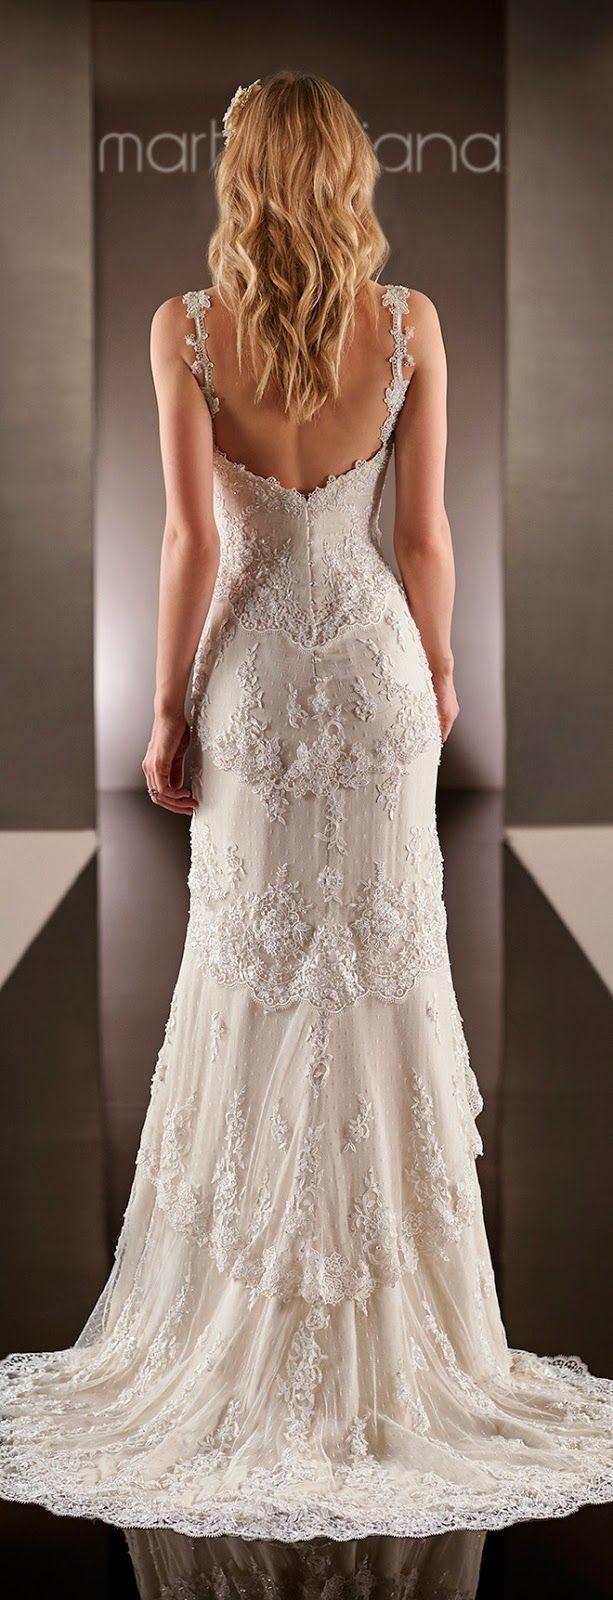 Martina Liana Spring 2015 Bridal Collection wedding dress #weddingdress /wedding-dresses-us62_25